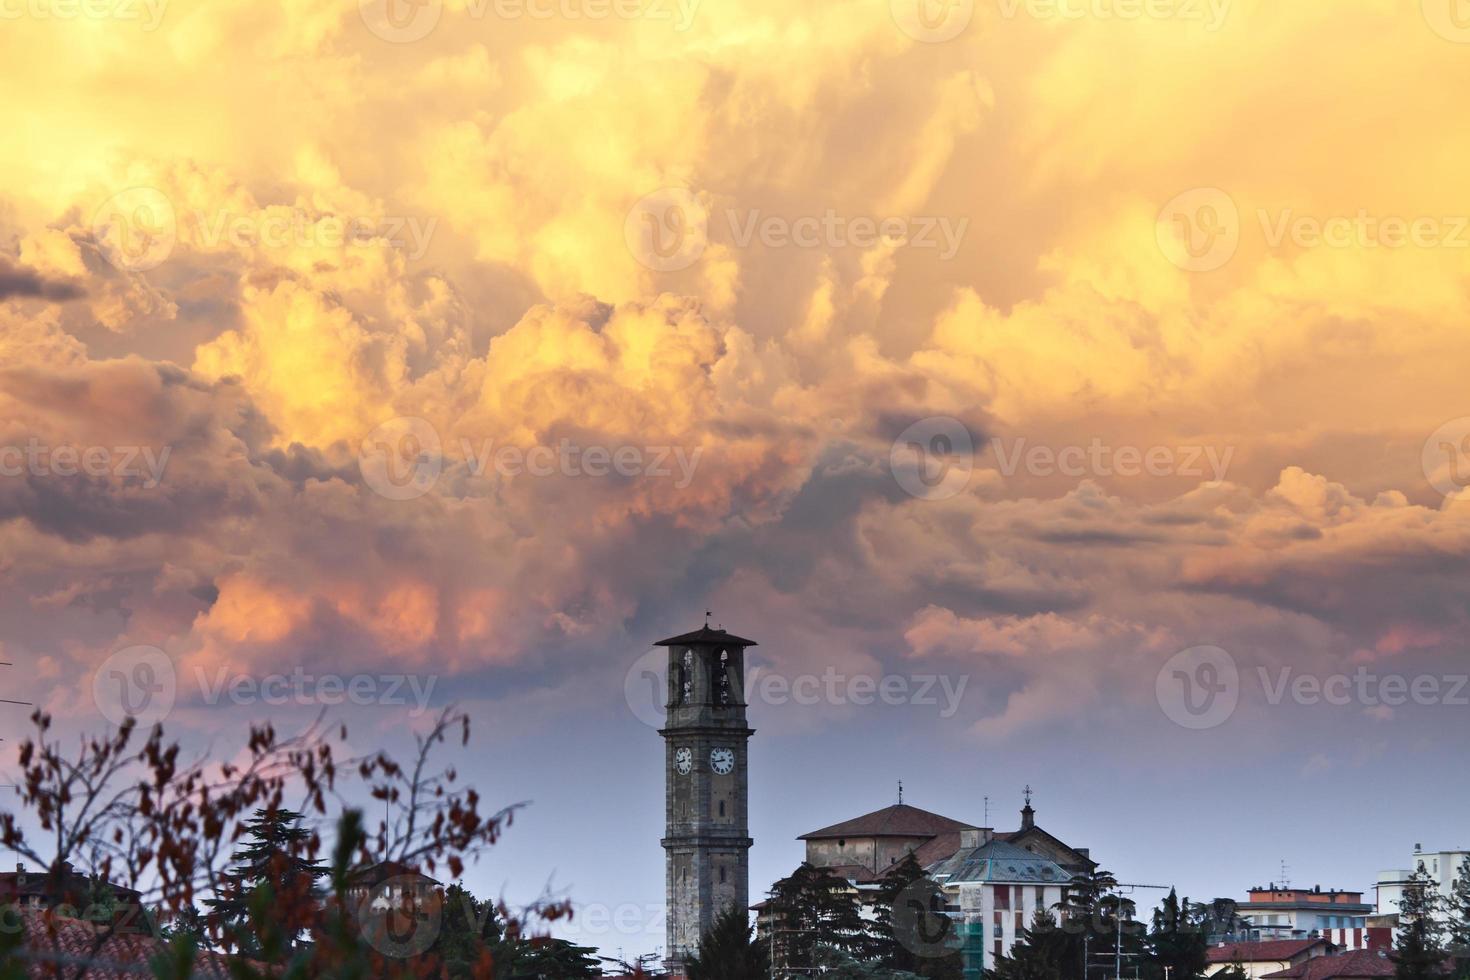 Tormenta vespertina con nubes contra la torre de campanas foto